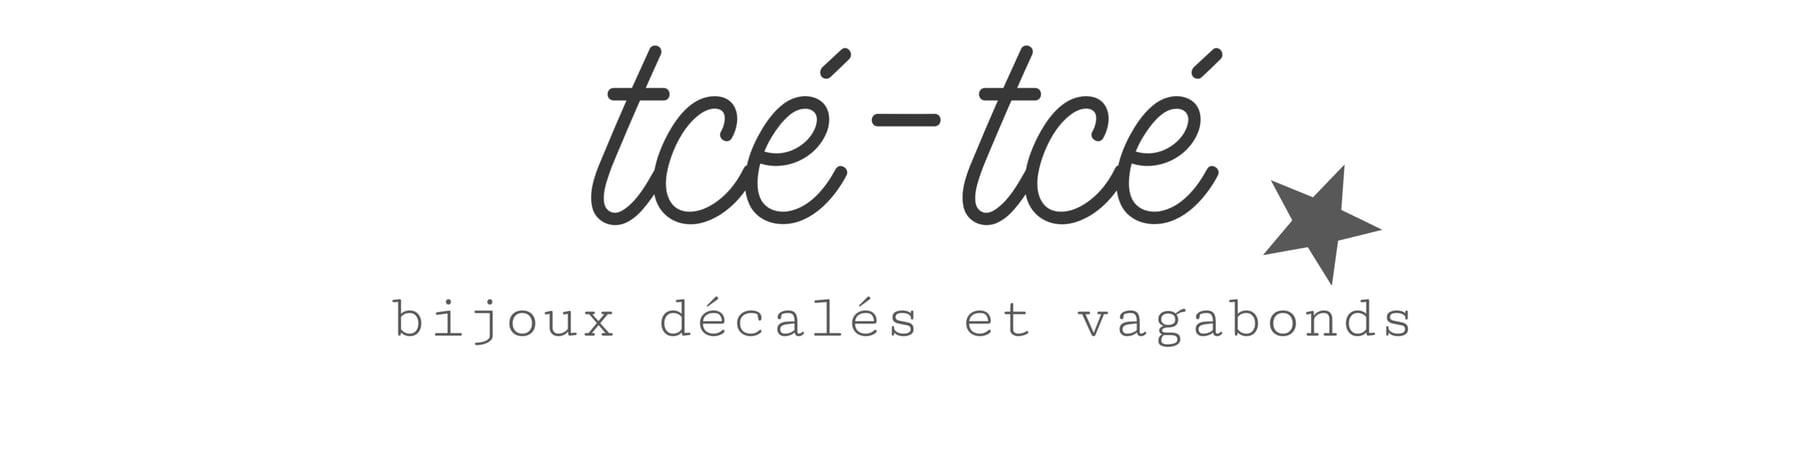 Tcé-Tcé